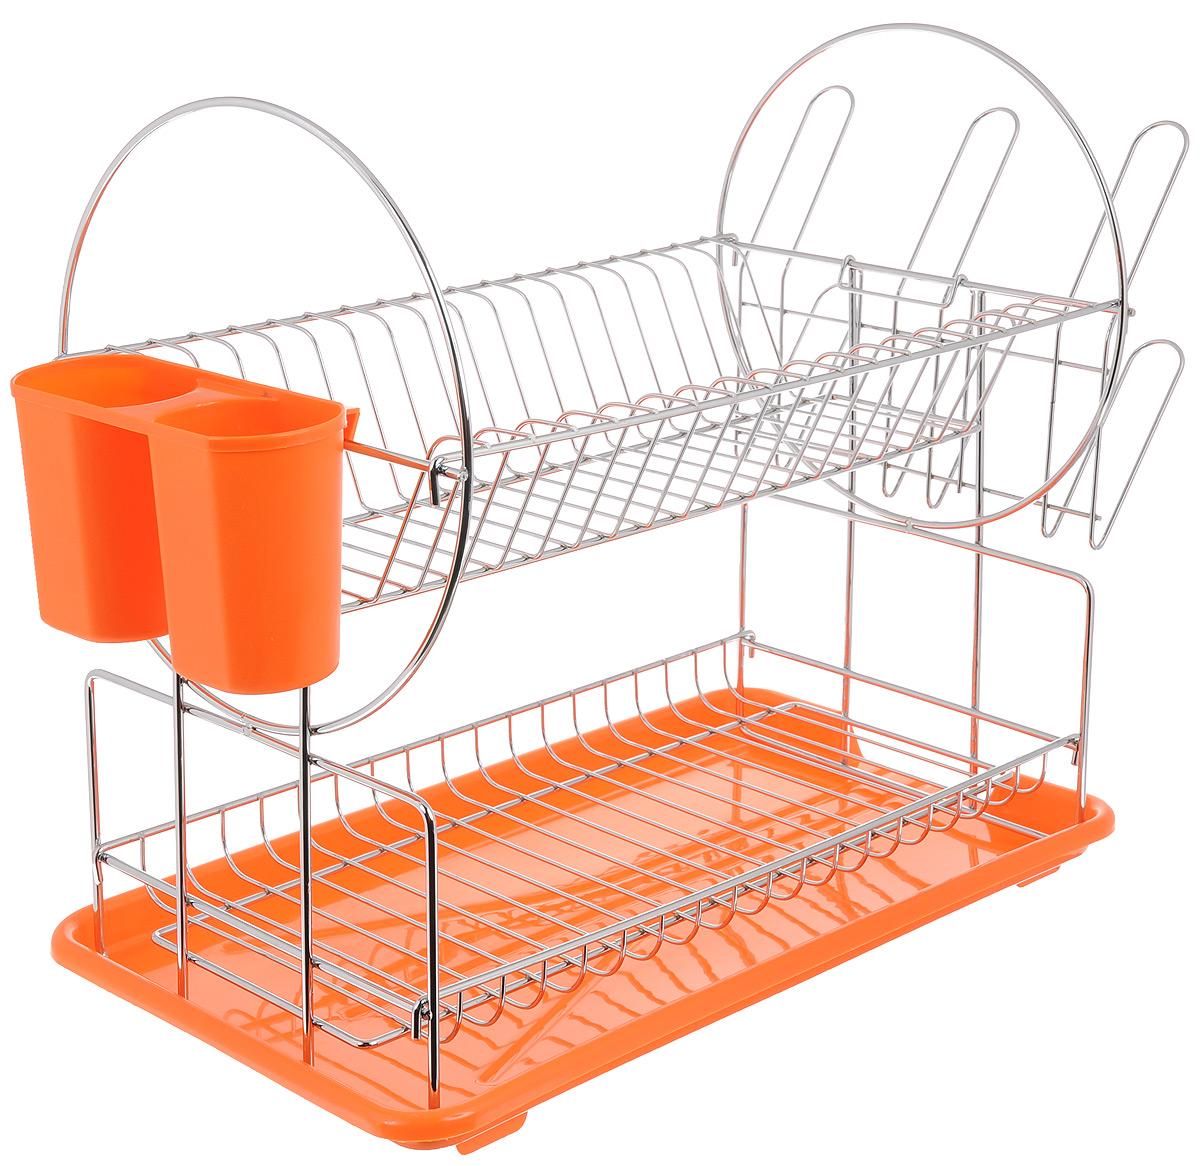 Сушилка для посуды Mayer & Boch, 2-ярусная, цвет: оранжевый, 39 х 23 х 36 см25416Двухъярусная сушилка для посуды Mayer & Boch, выполненная из высококачественного полипропилена и хромированного металла, отлично подходит для хранения кухонных принадлежностей и столовых приборов. Сушилка состоит из подставки для тарелок, двойной подставки для столовых приборов, а также места для кружек и мисок. Поддон для воды поможет сохранить кухню в чистоте. Элегантный, цветной дизайн прекрасно сочетается с интерьером любой кухни.